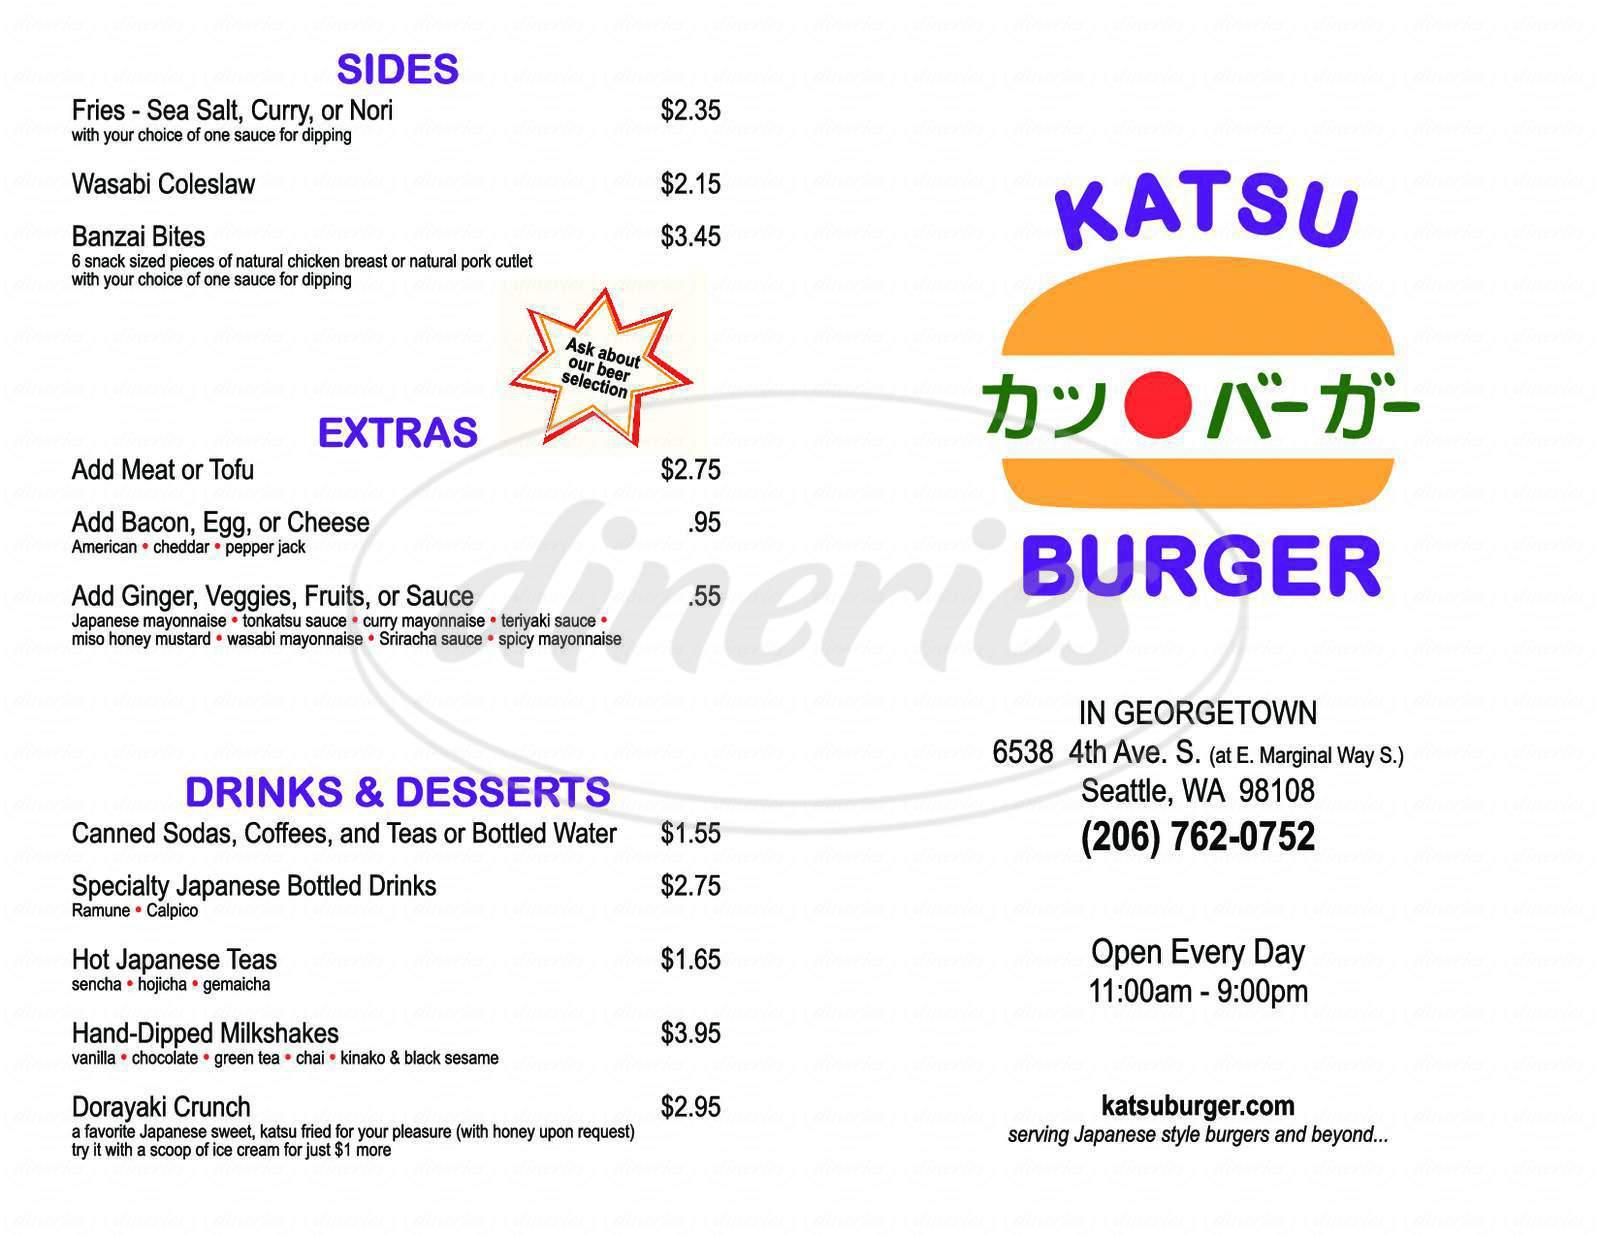 menu for Katsu Burger